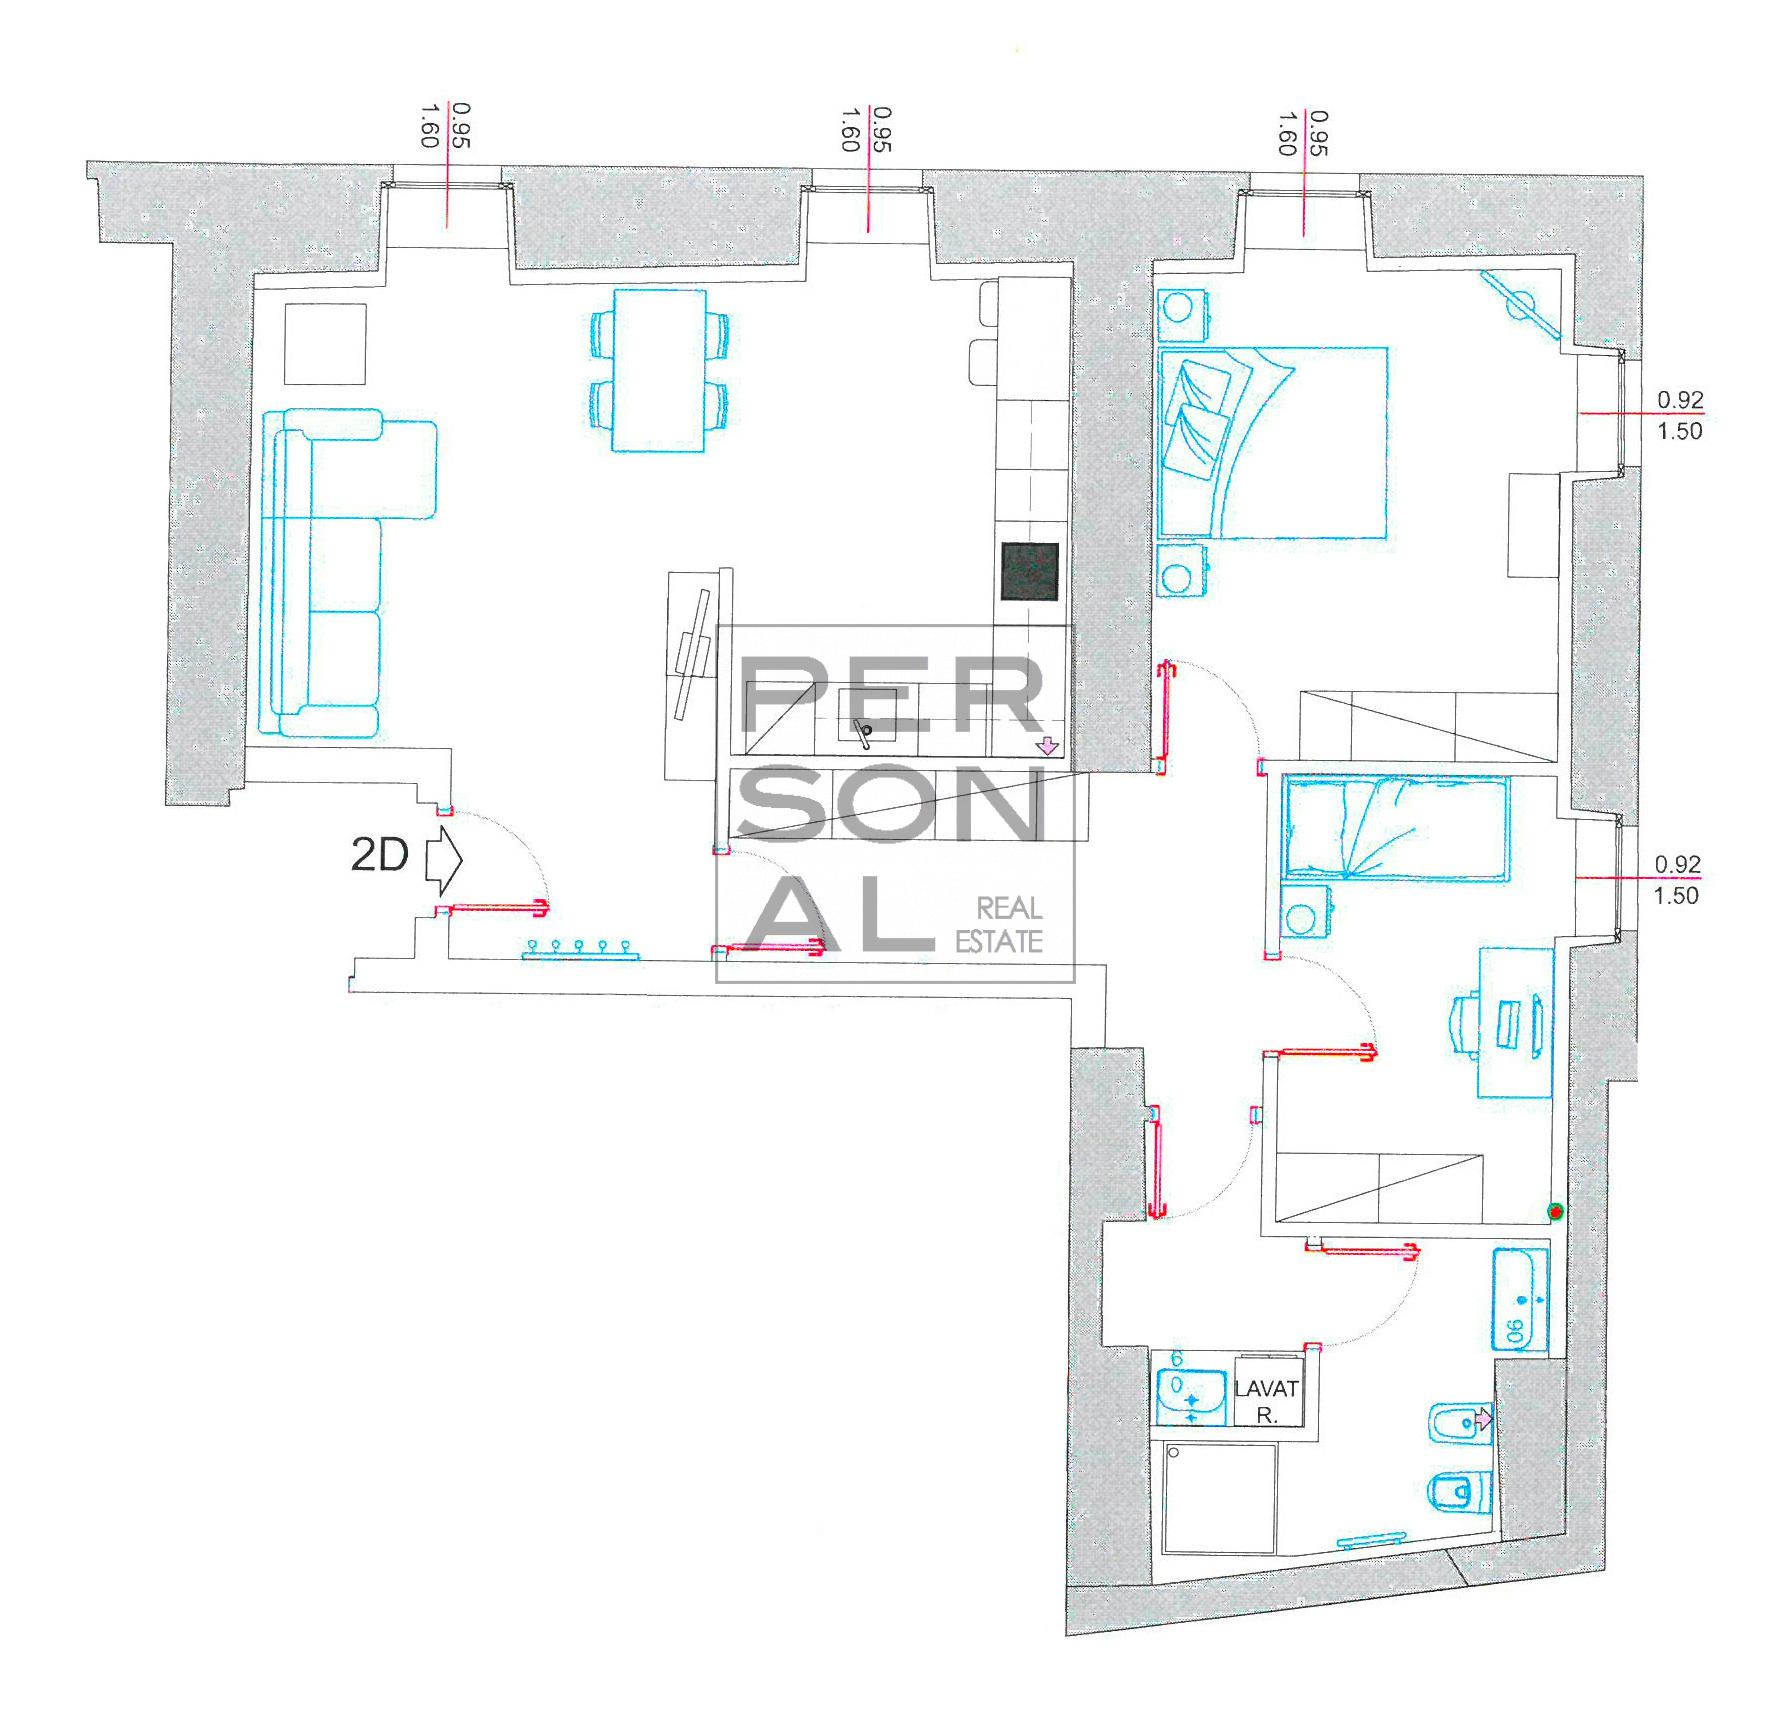 Appartamento in Affitto a Trento - Cod. XP-AFF-2D